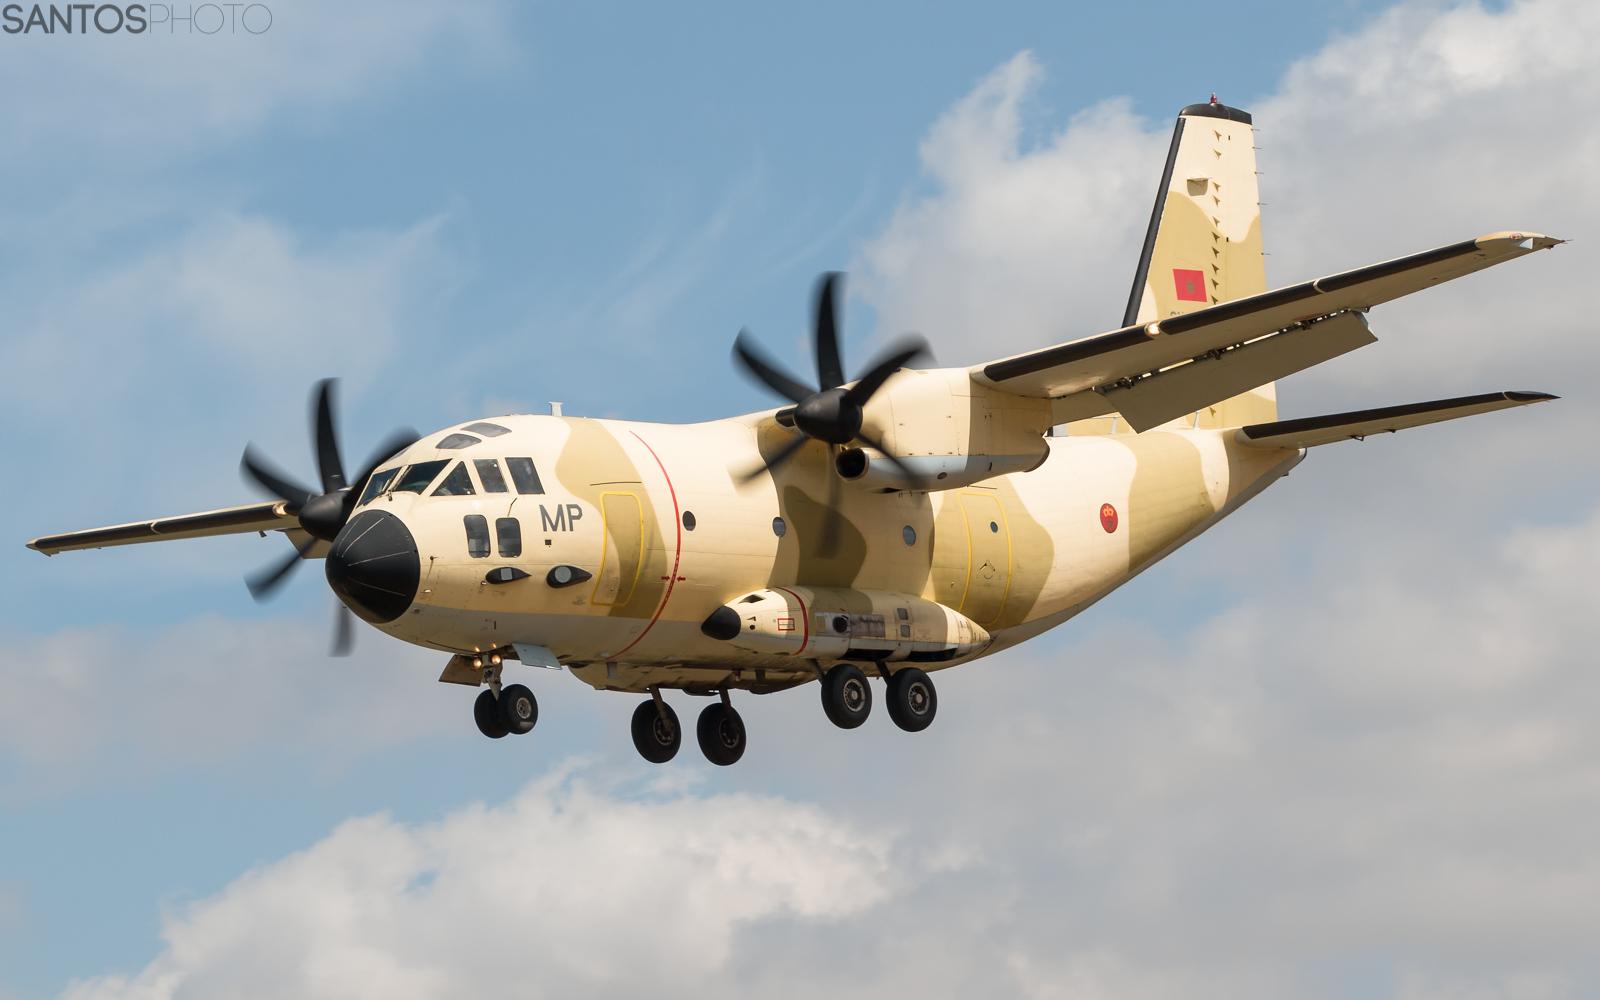 FRA: Photos d'avions de transport - Page 37 40149907883_33bbafc601_h